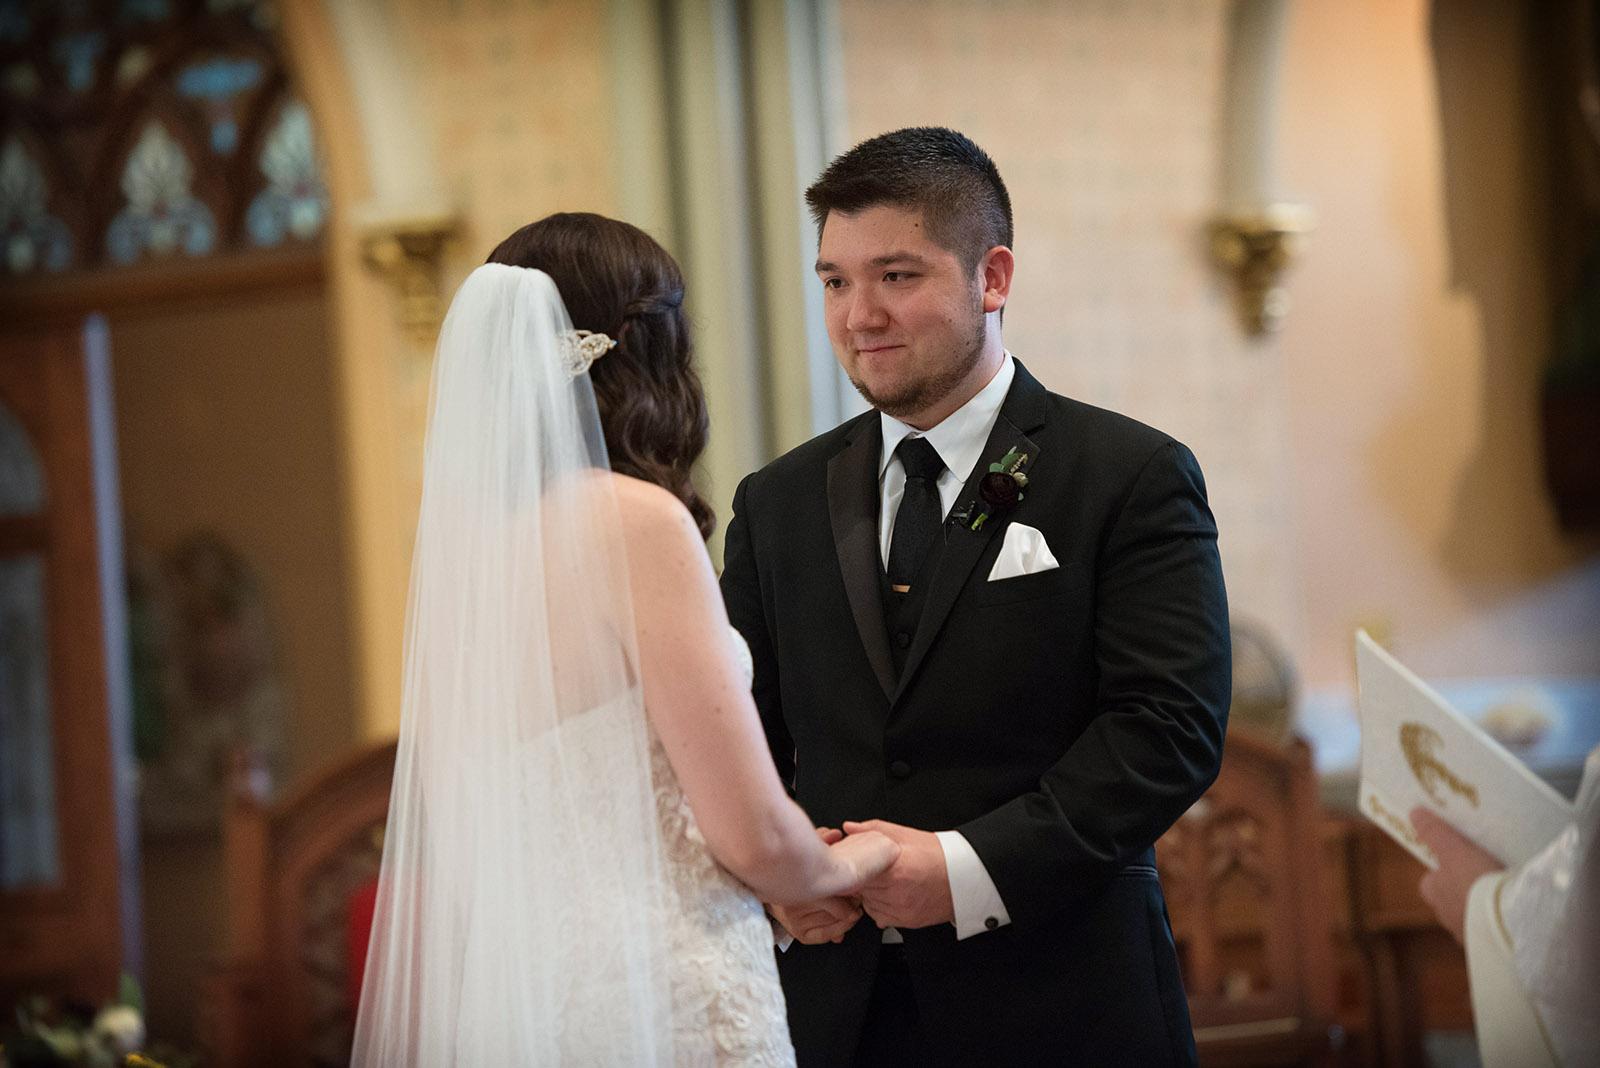 Wedding Vows St Alphonsus Chicago